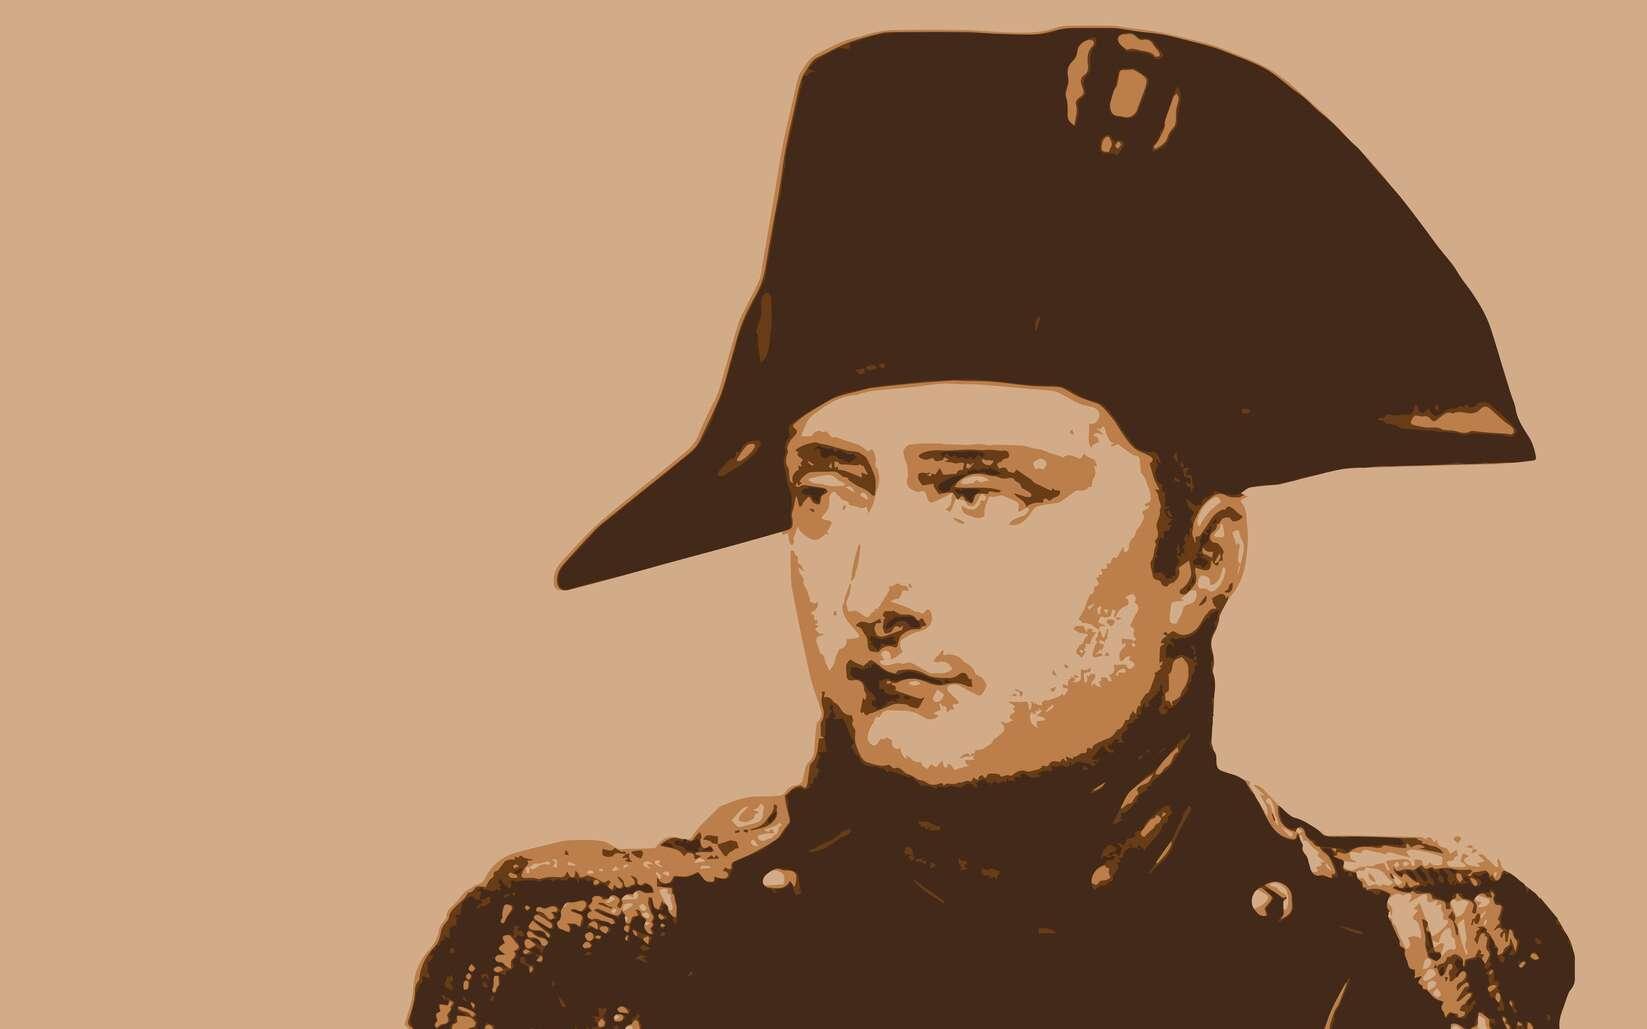 Portrait de Napoléon Bonaparte. © pict rider, fotolia